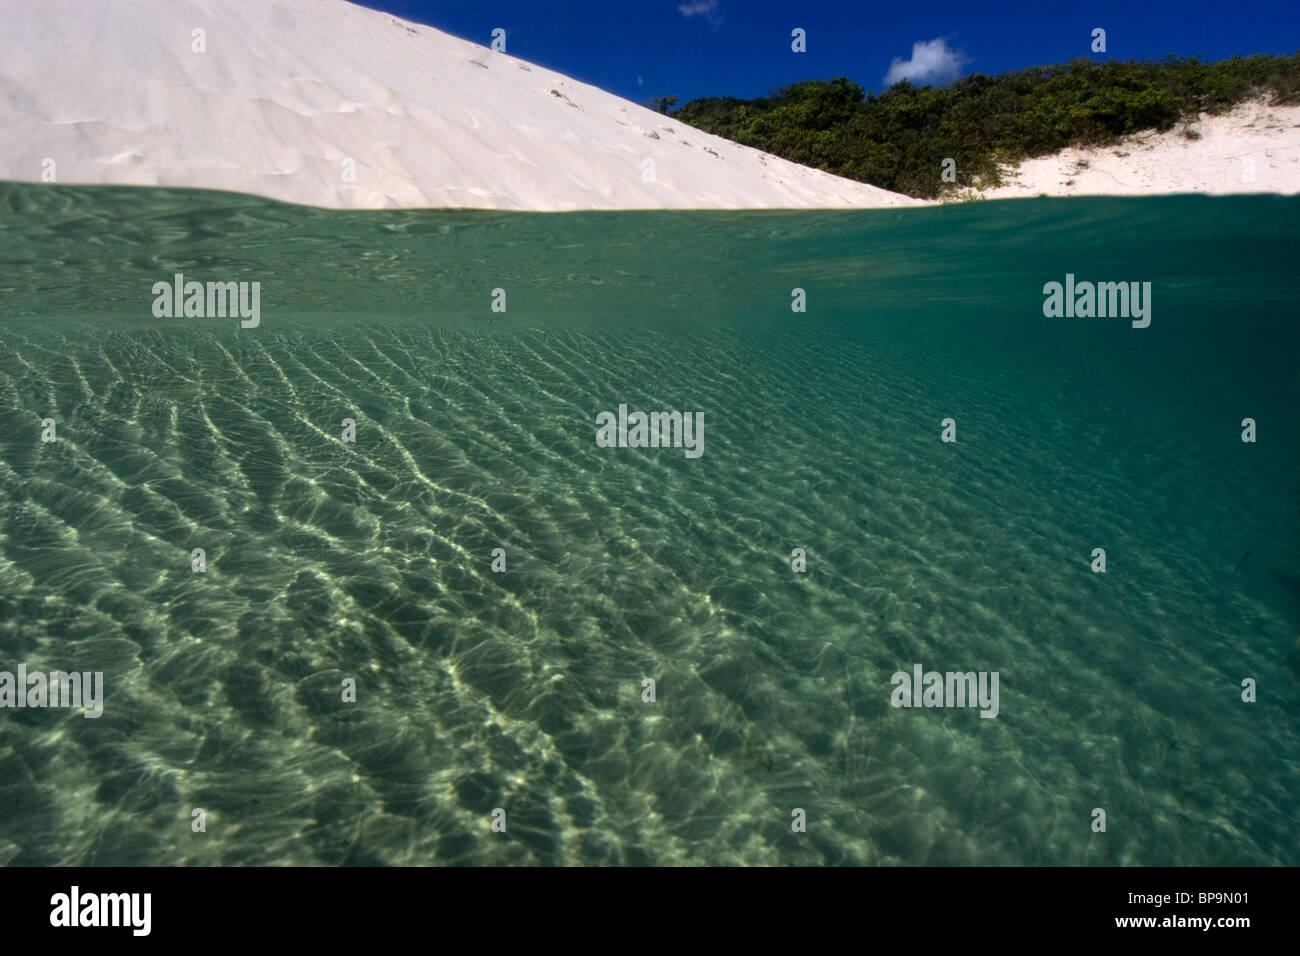 Dune di sabbia riempita con acqua di pioggia, Lencois Maranhenses, Maranhao, Brasile Foto Stock